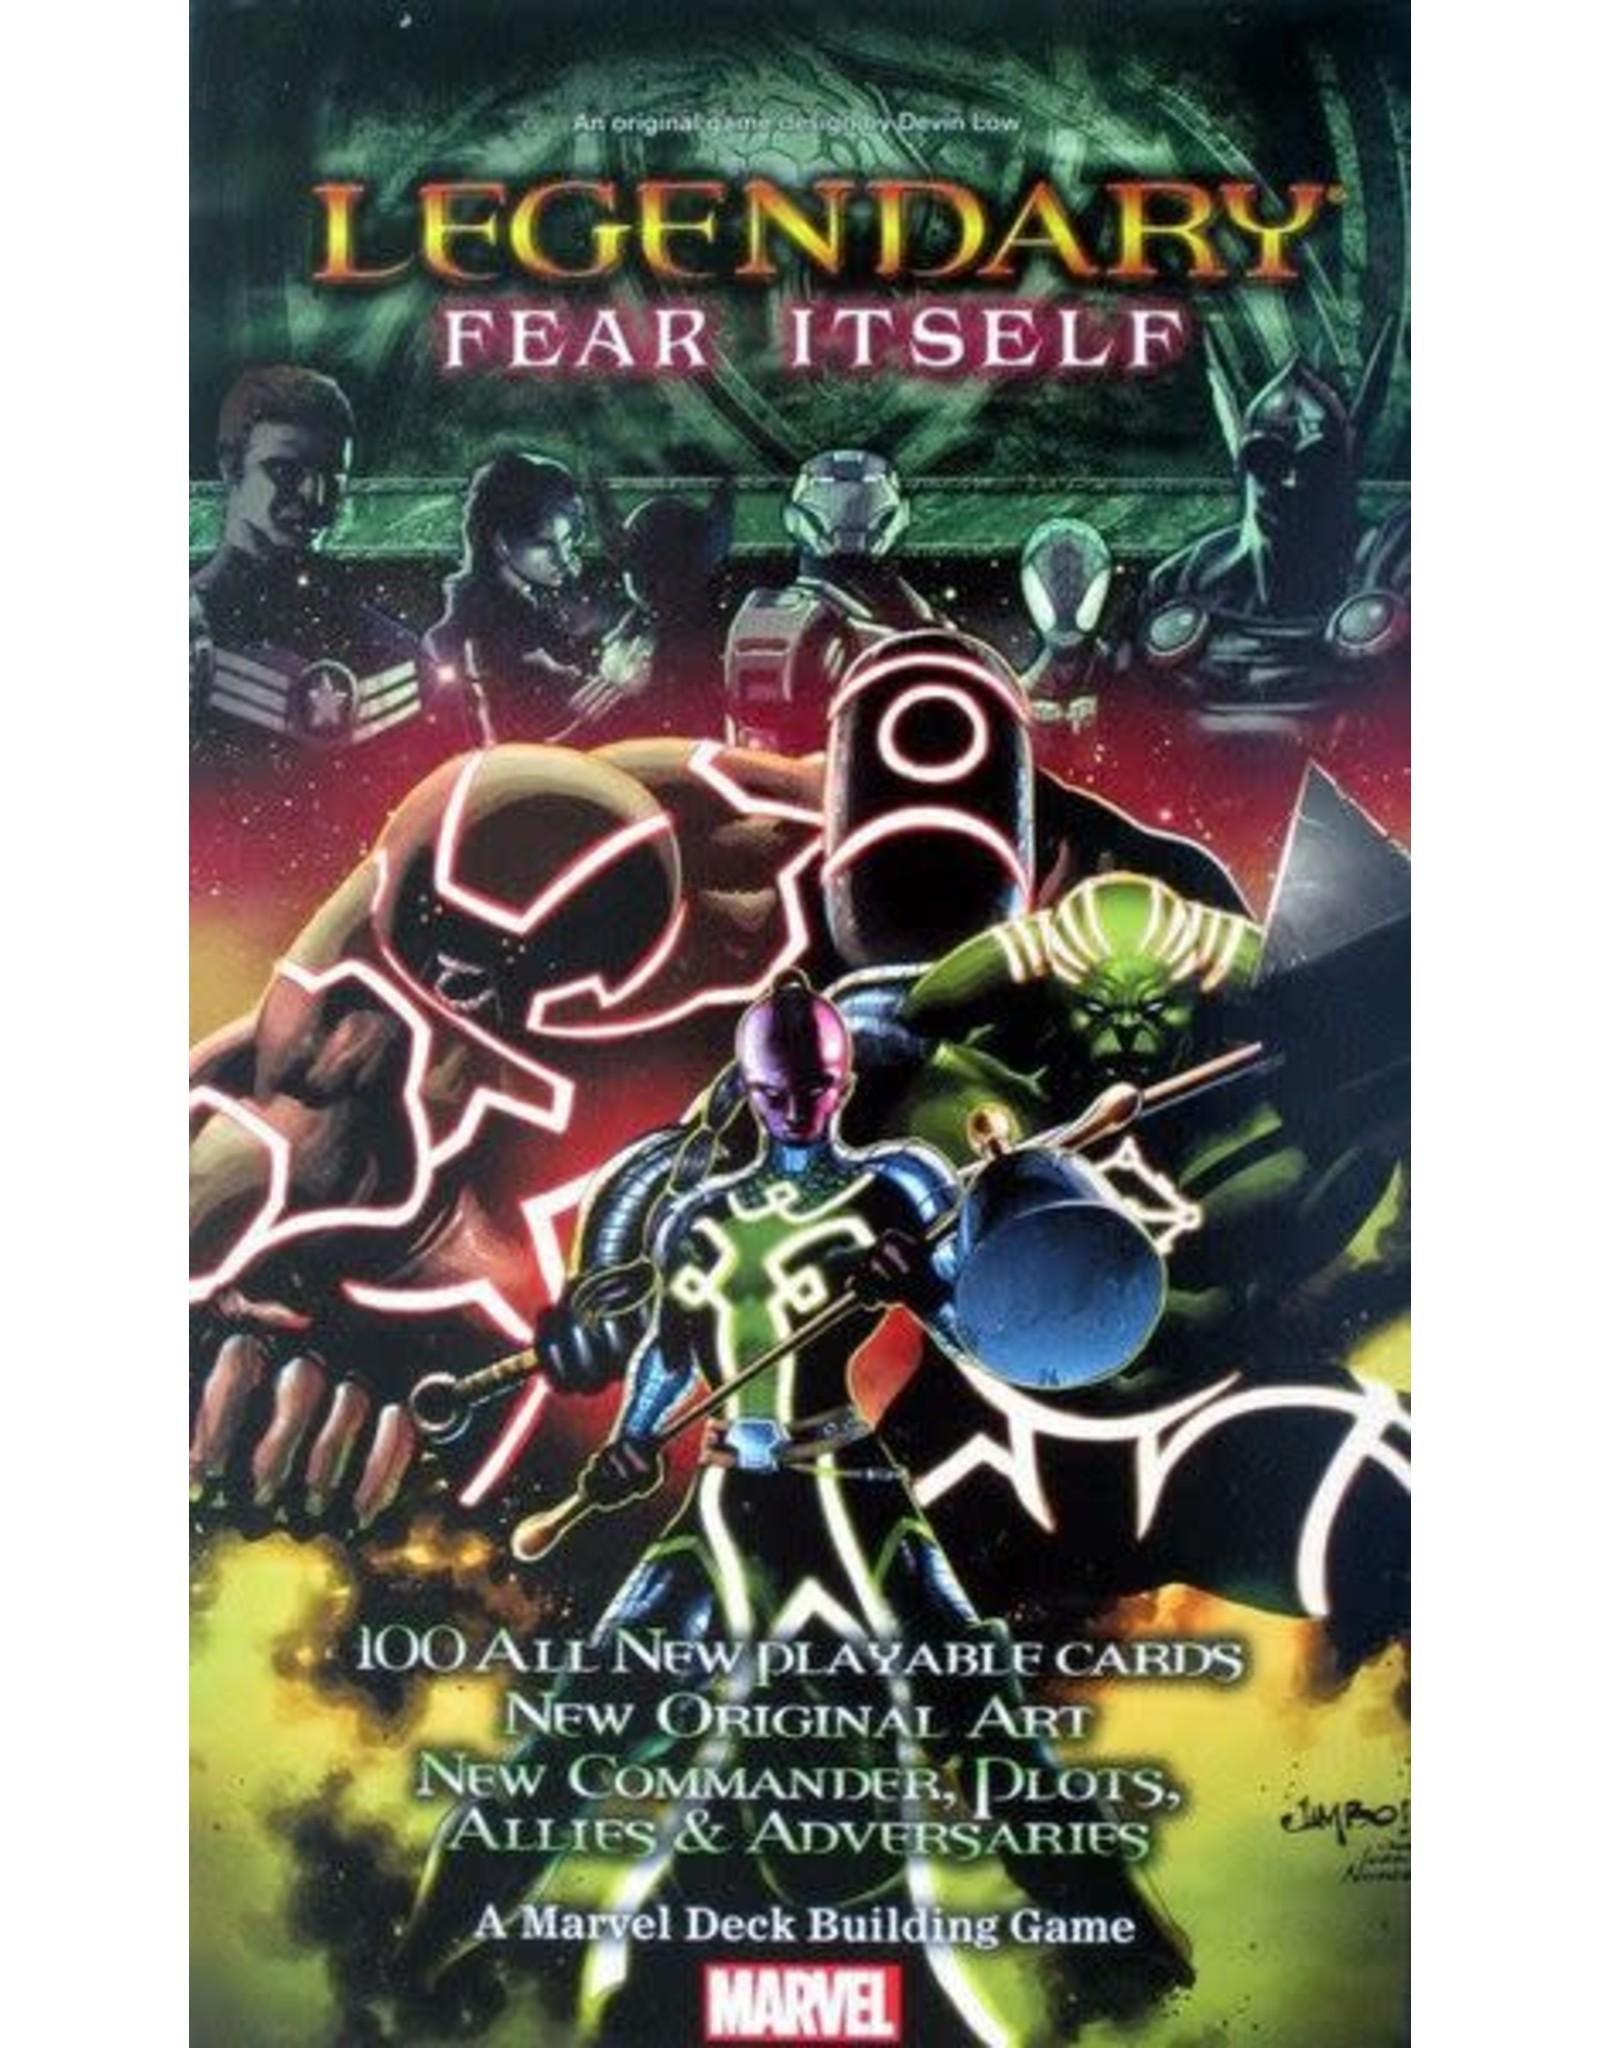 Legendary: Fear Itself